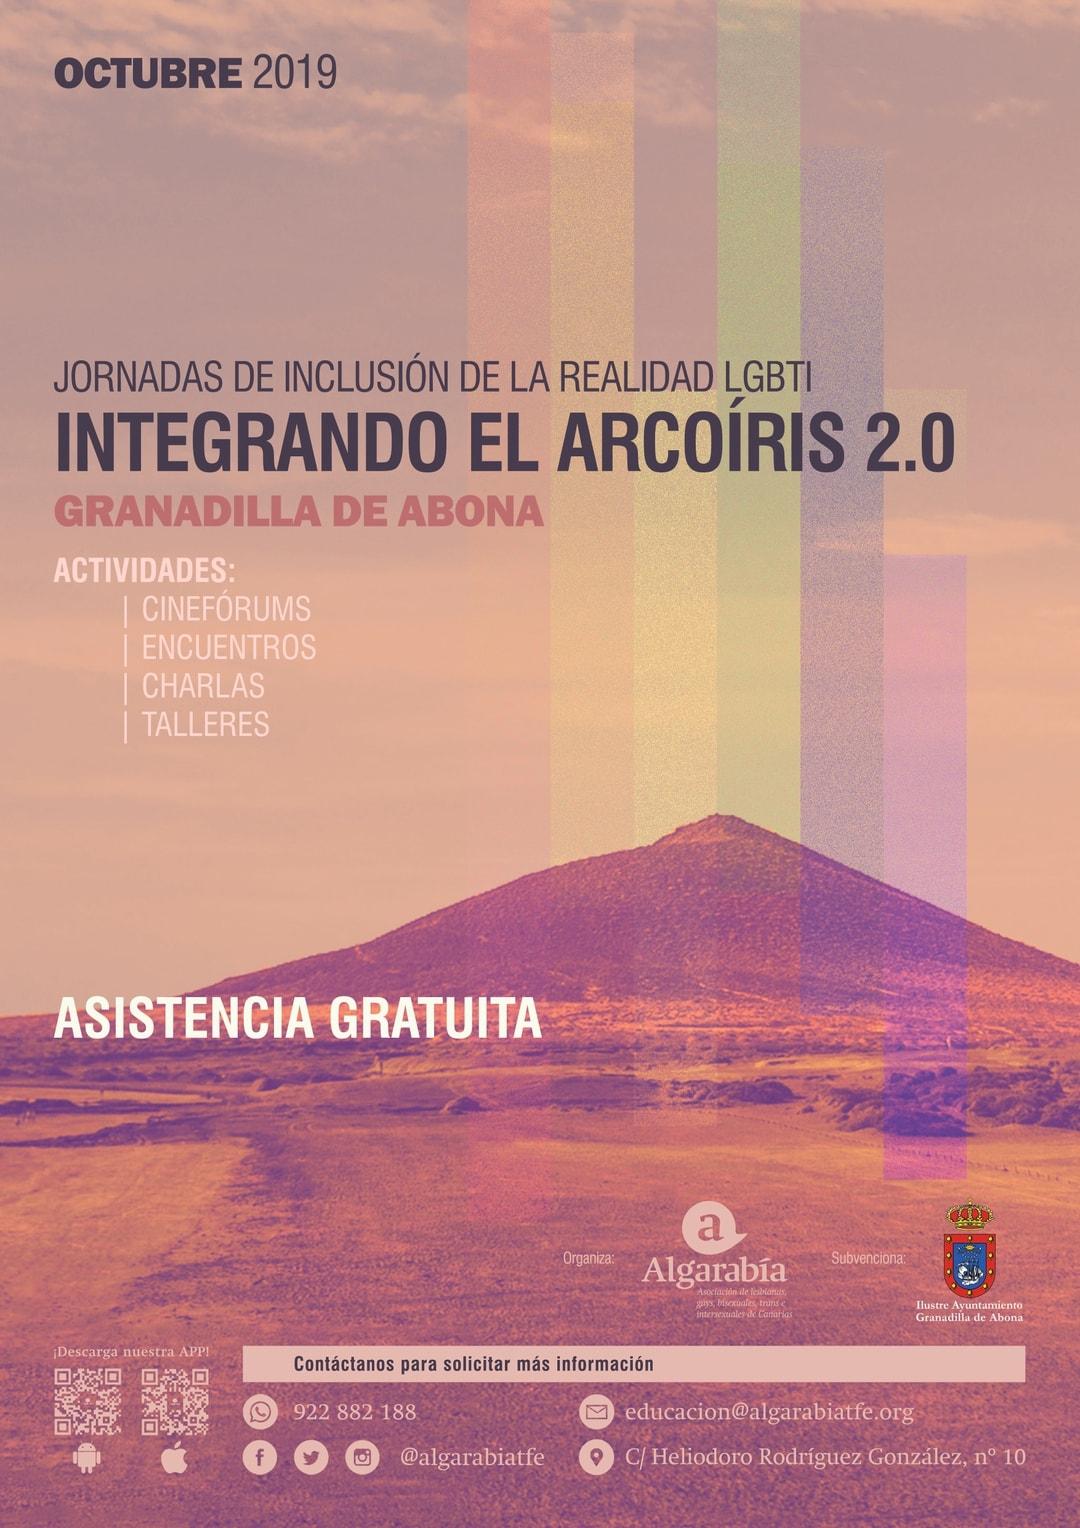 Las Jornadas de Inclusión de la Realidad LGBTI 'Integrando el Arcoíris 2.0', del 9 al 27 de octubre